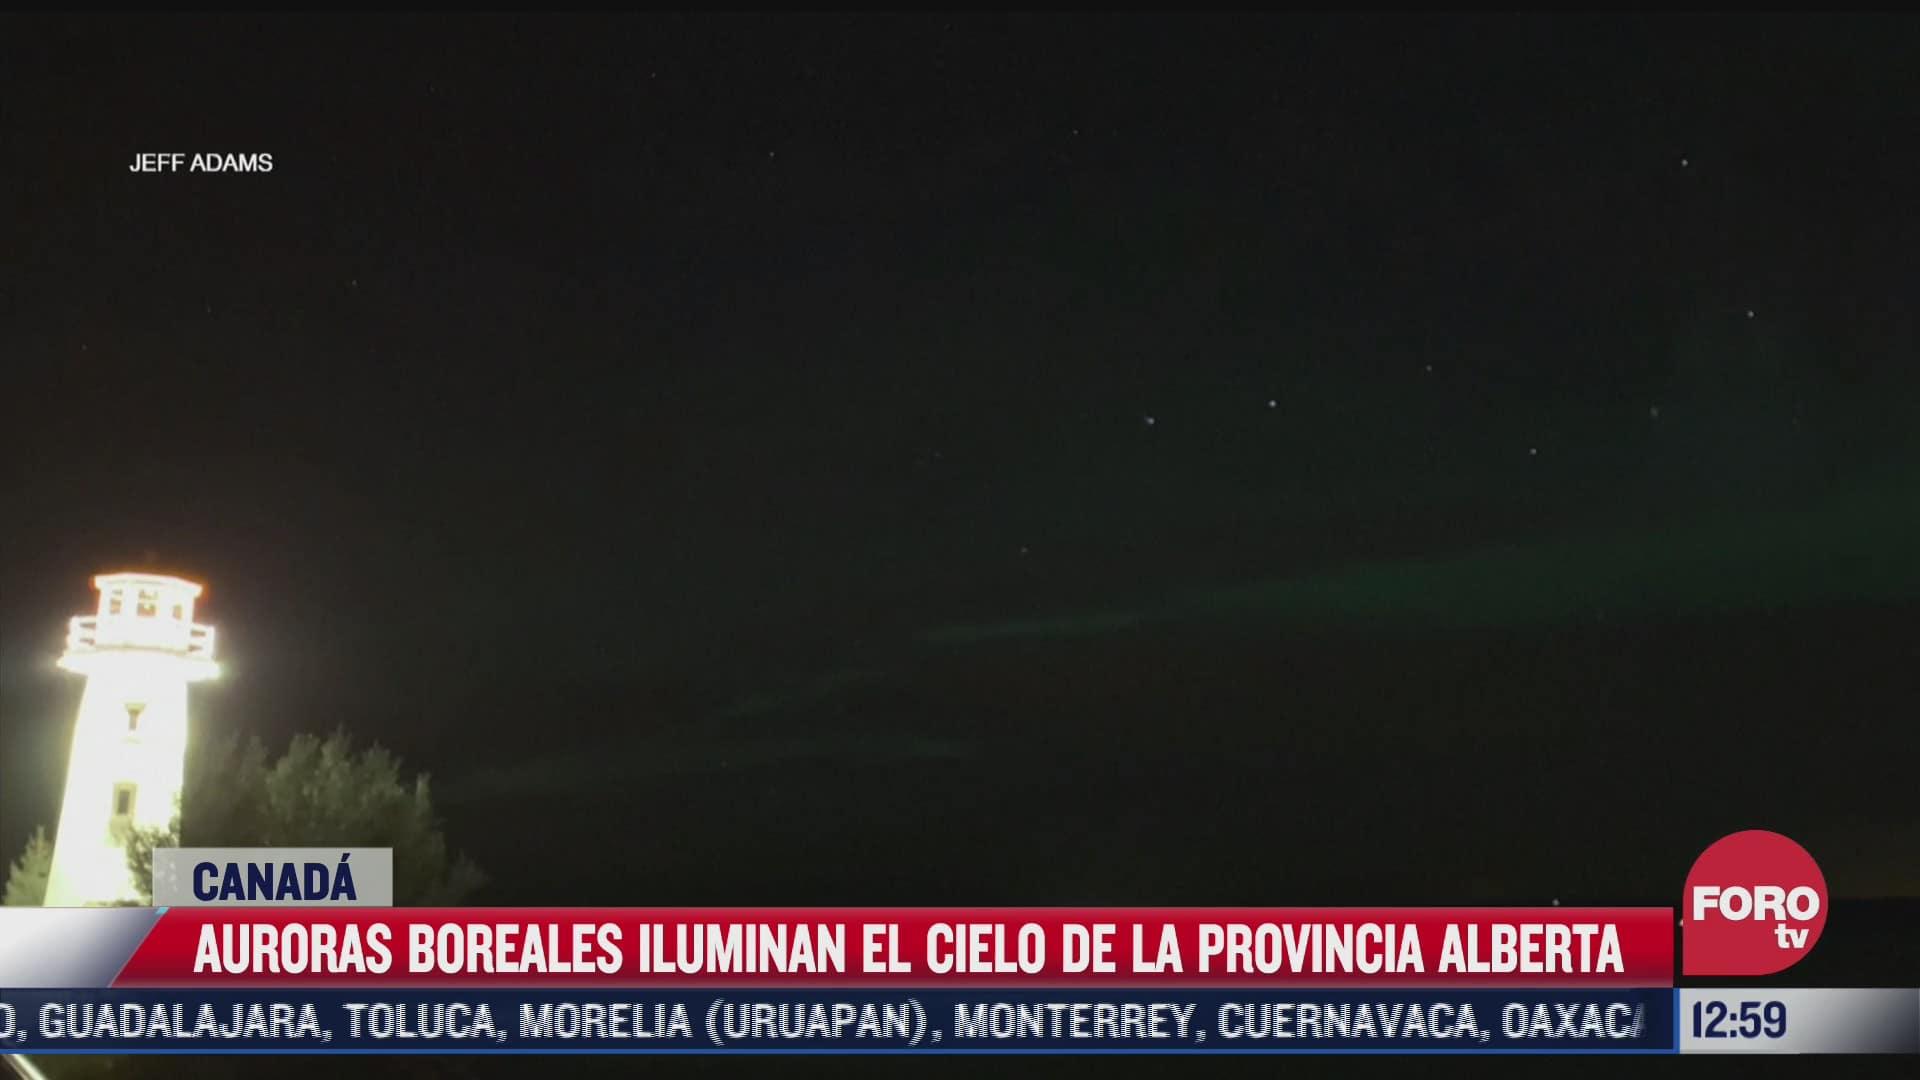 espectaculares auroras boreales iluminan el cielo en canada